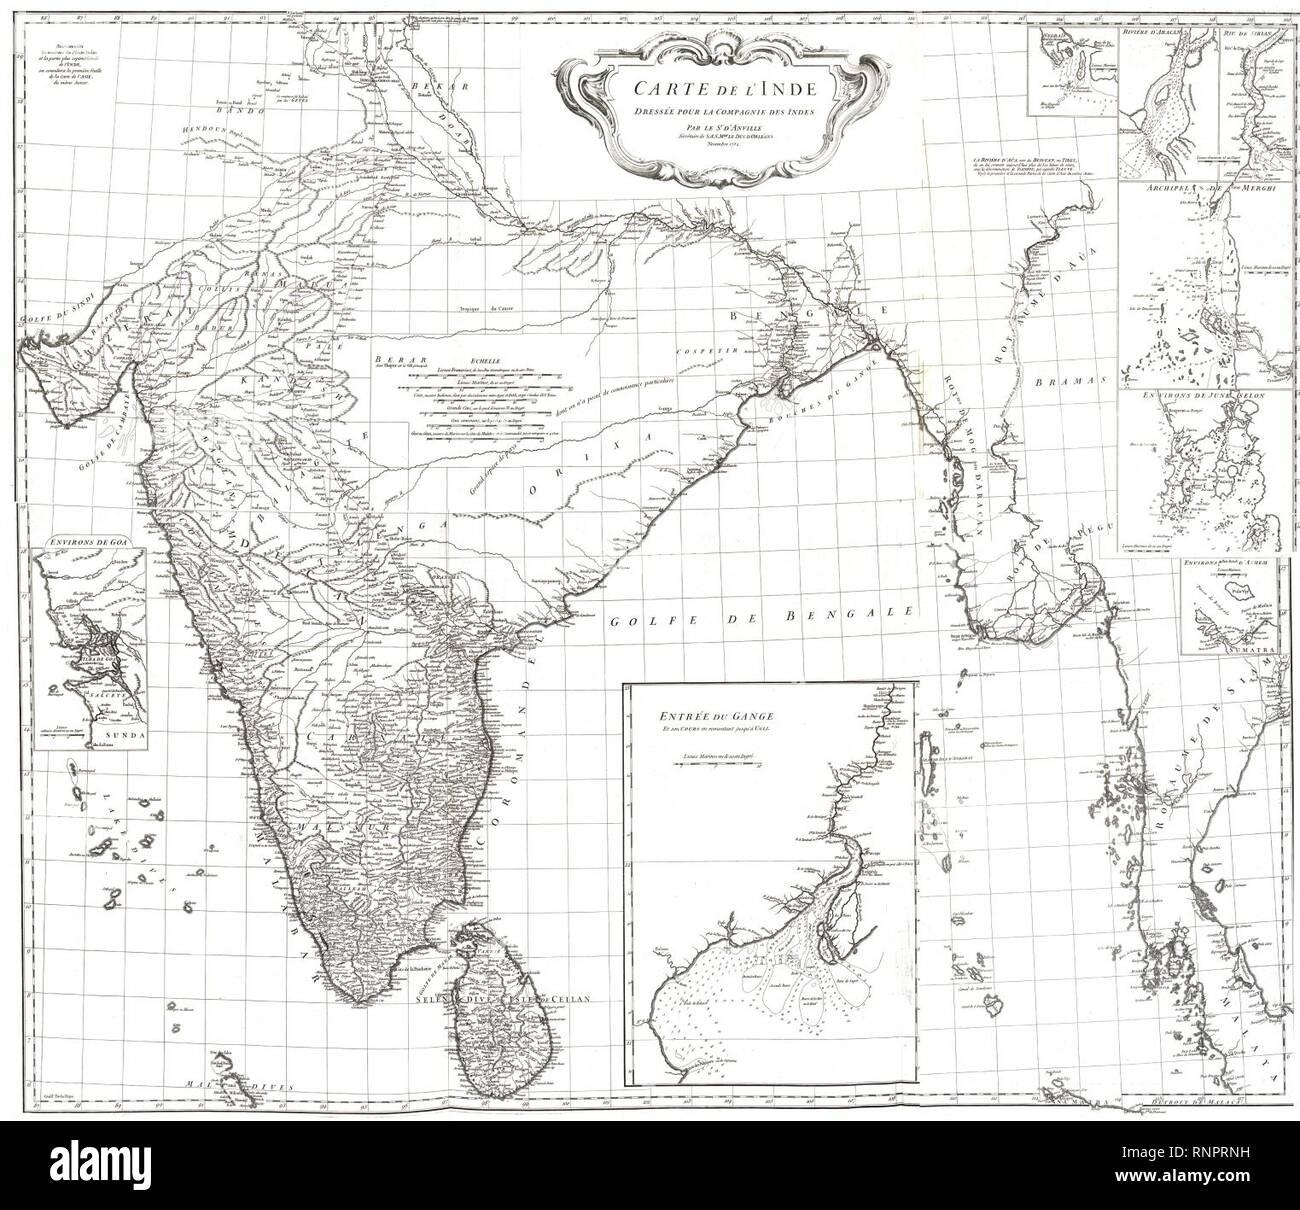 Carte De Linde.Carte De L Inde 1752 Stock Photo 237144141 Alamy